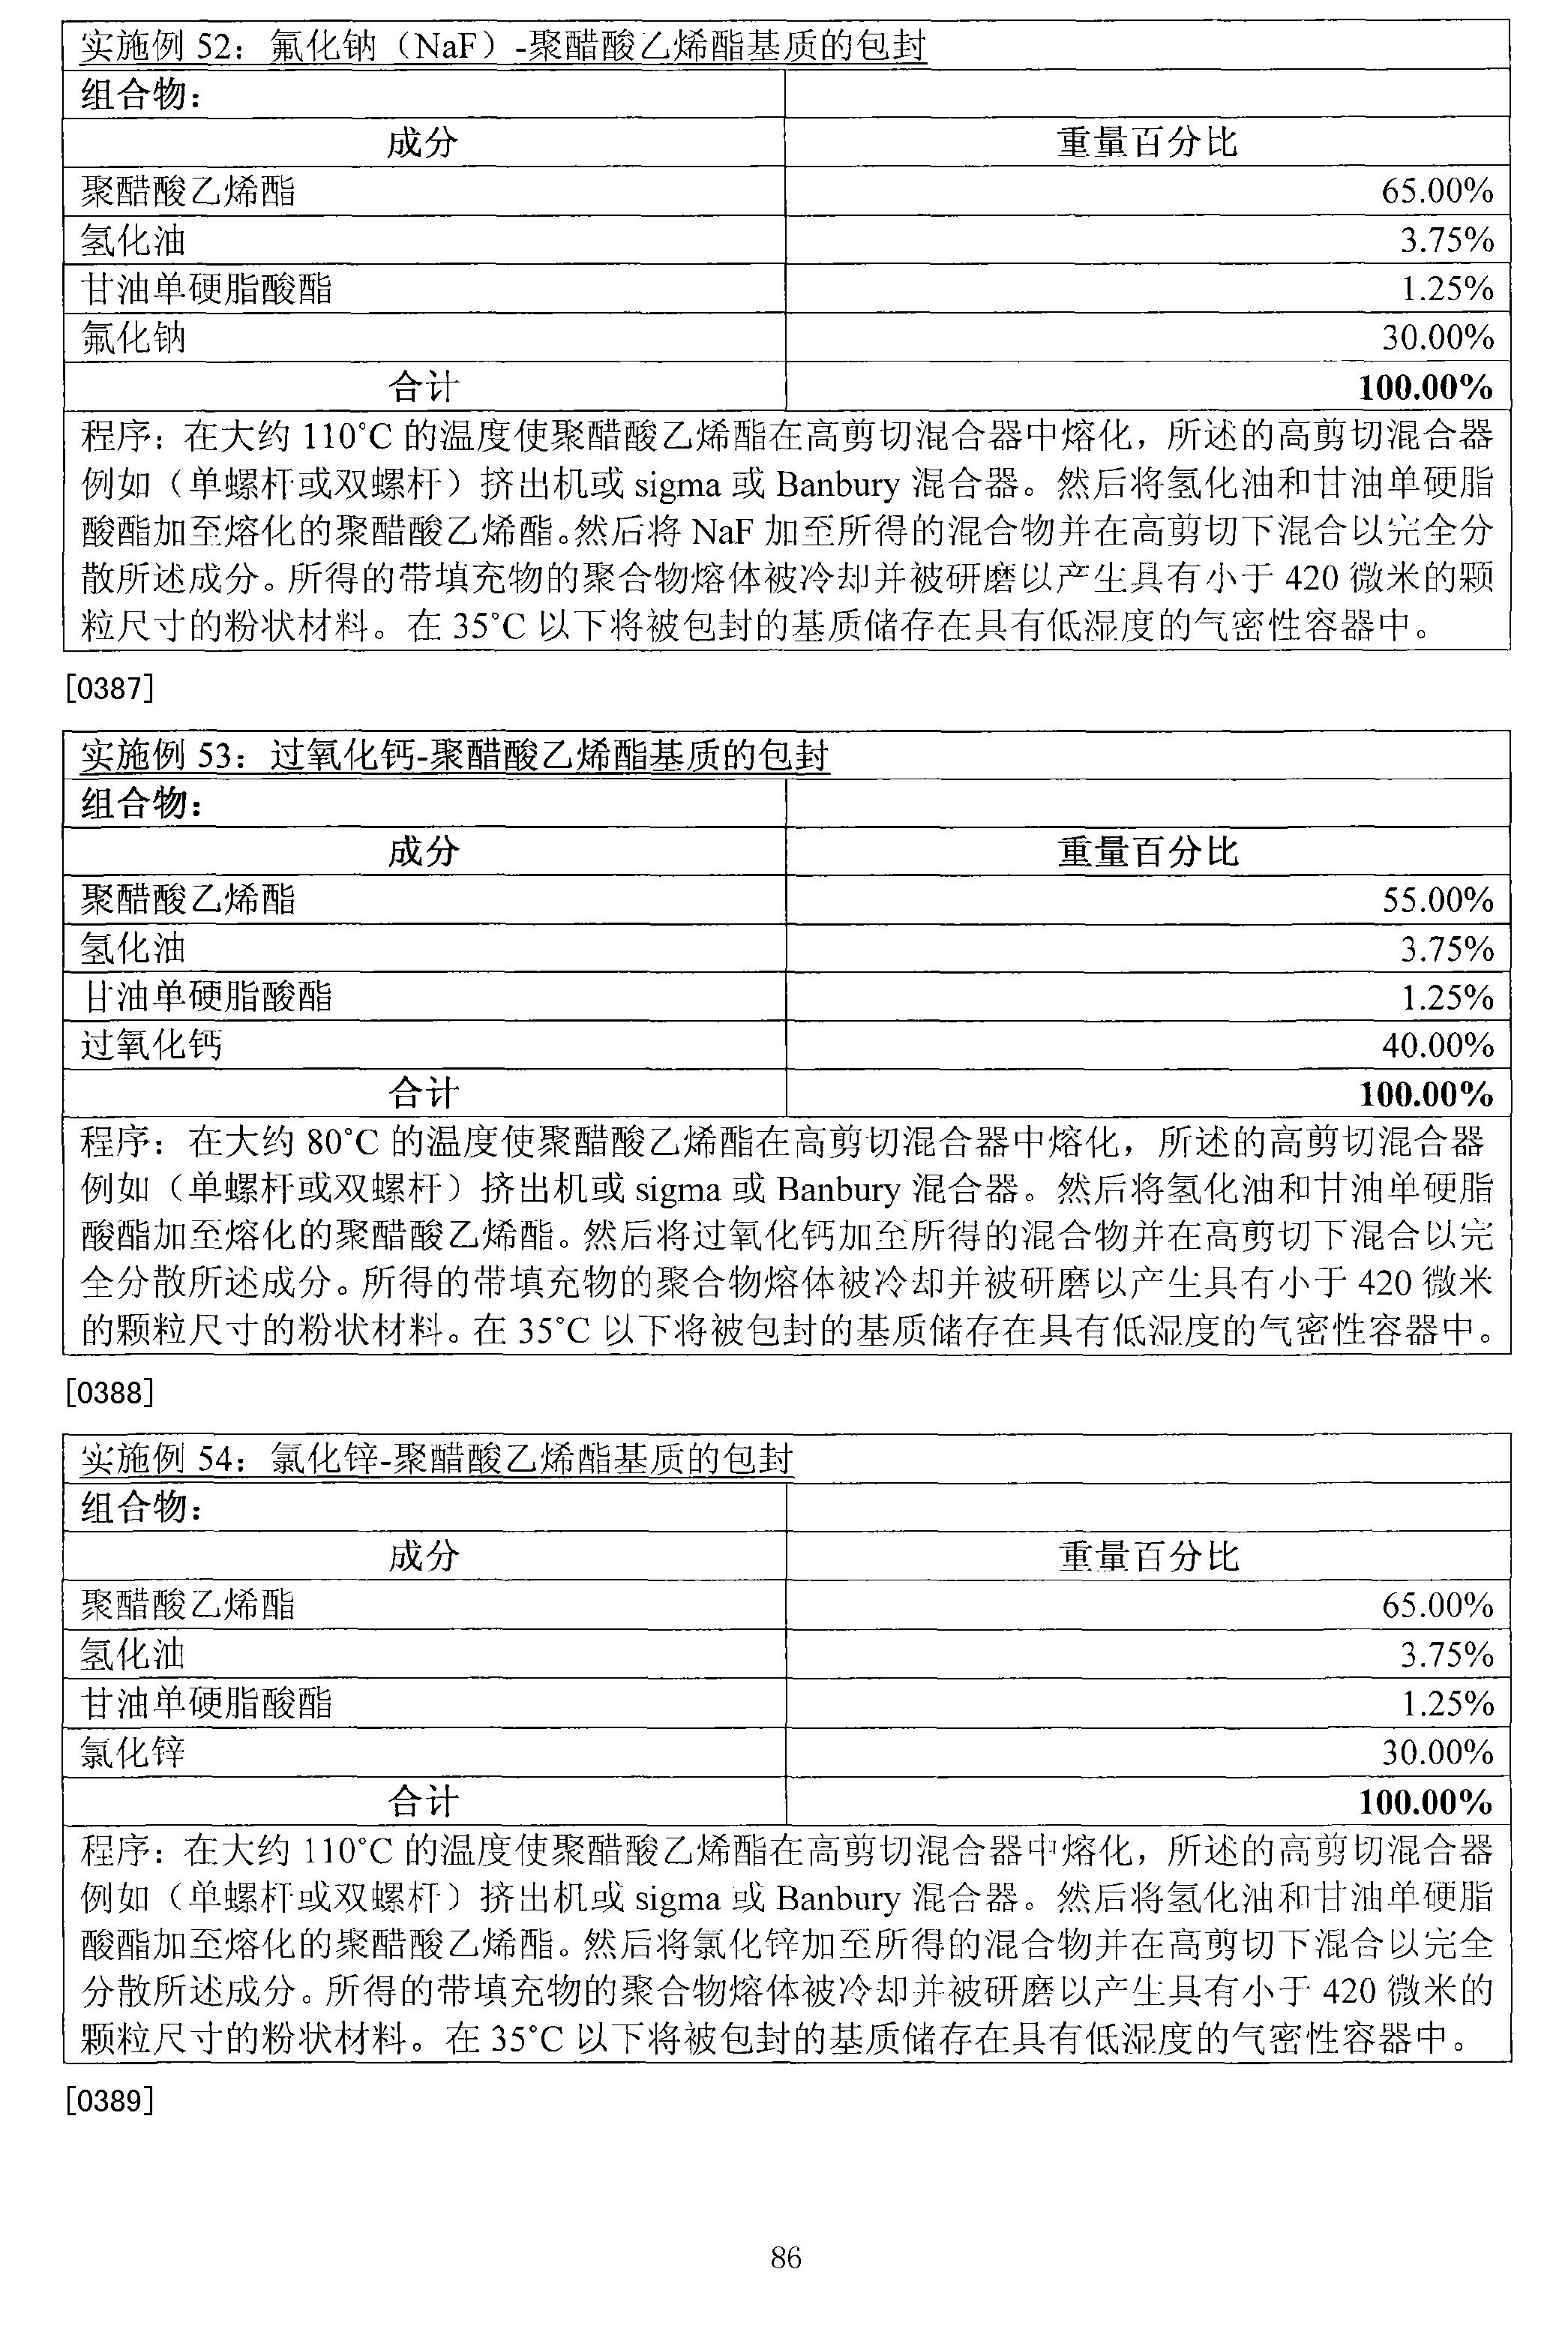 Figure CN101179944BD00861